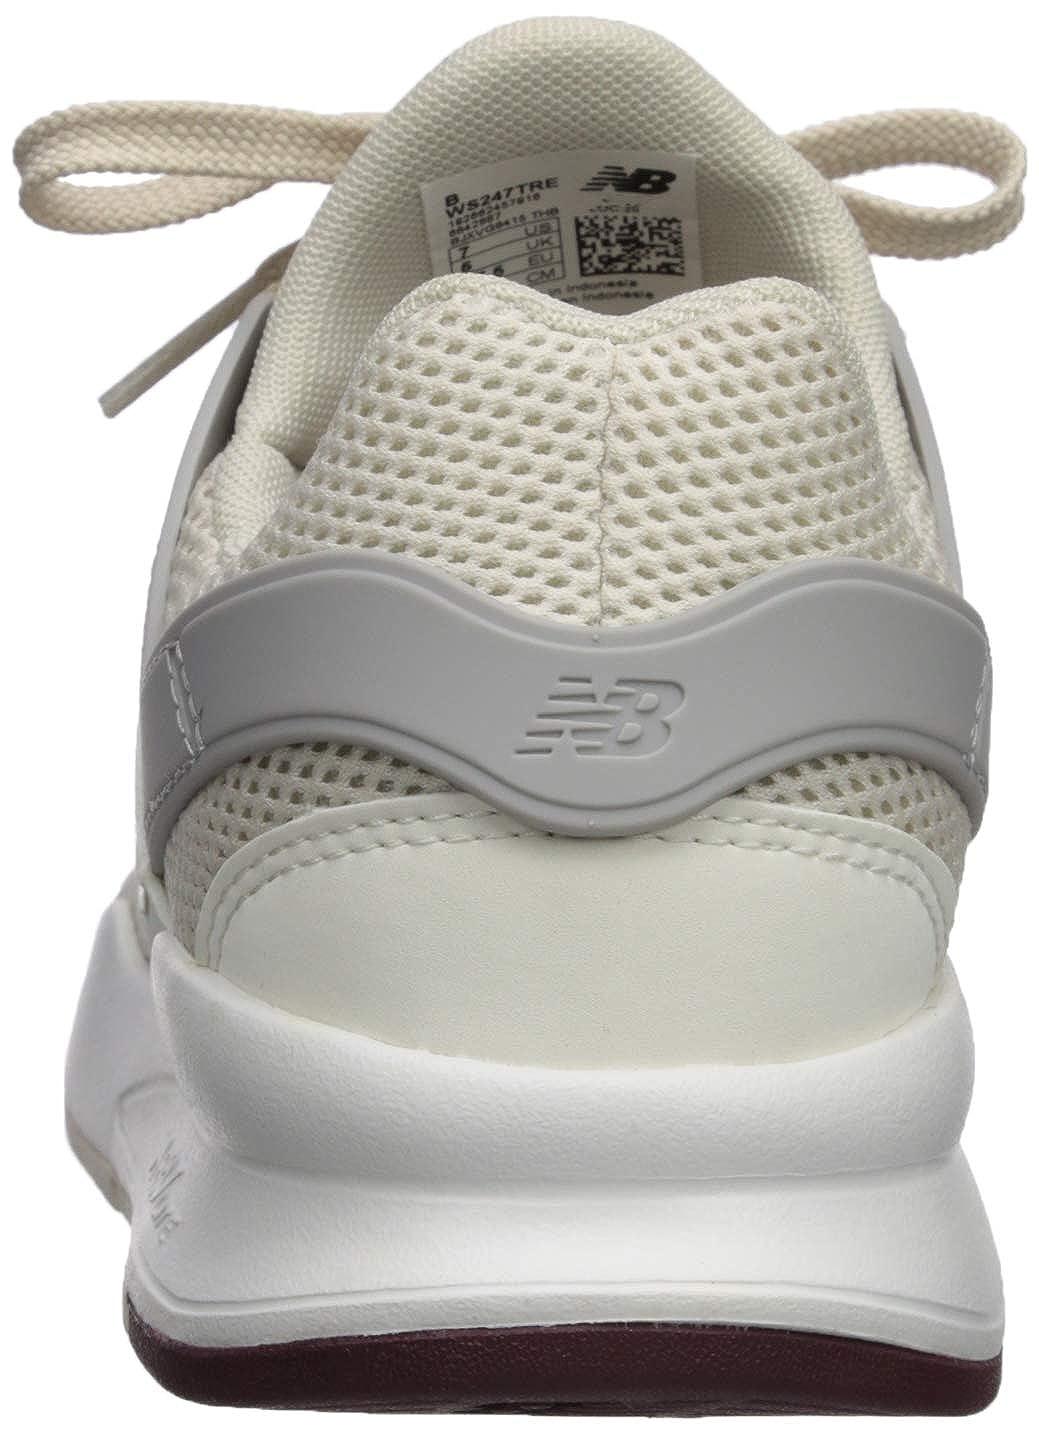 Gentiluomo   Signora New Balance 247v2, scarpe scarpe scarpe da ginnastica Donna Buona reputazione mondiale Materiale superiore Forma attuale | Aspetto Gradevole  e9e7e6